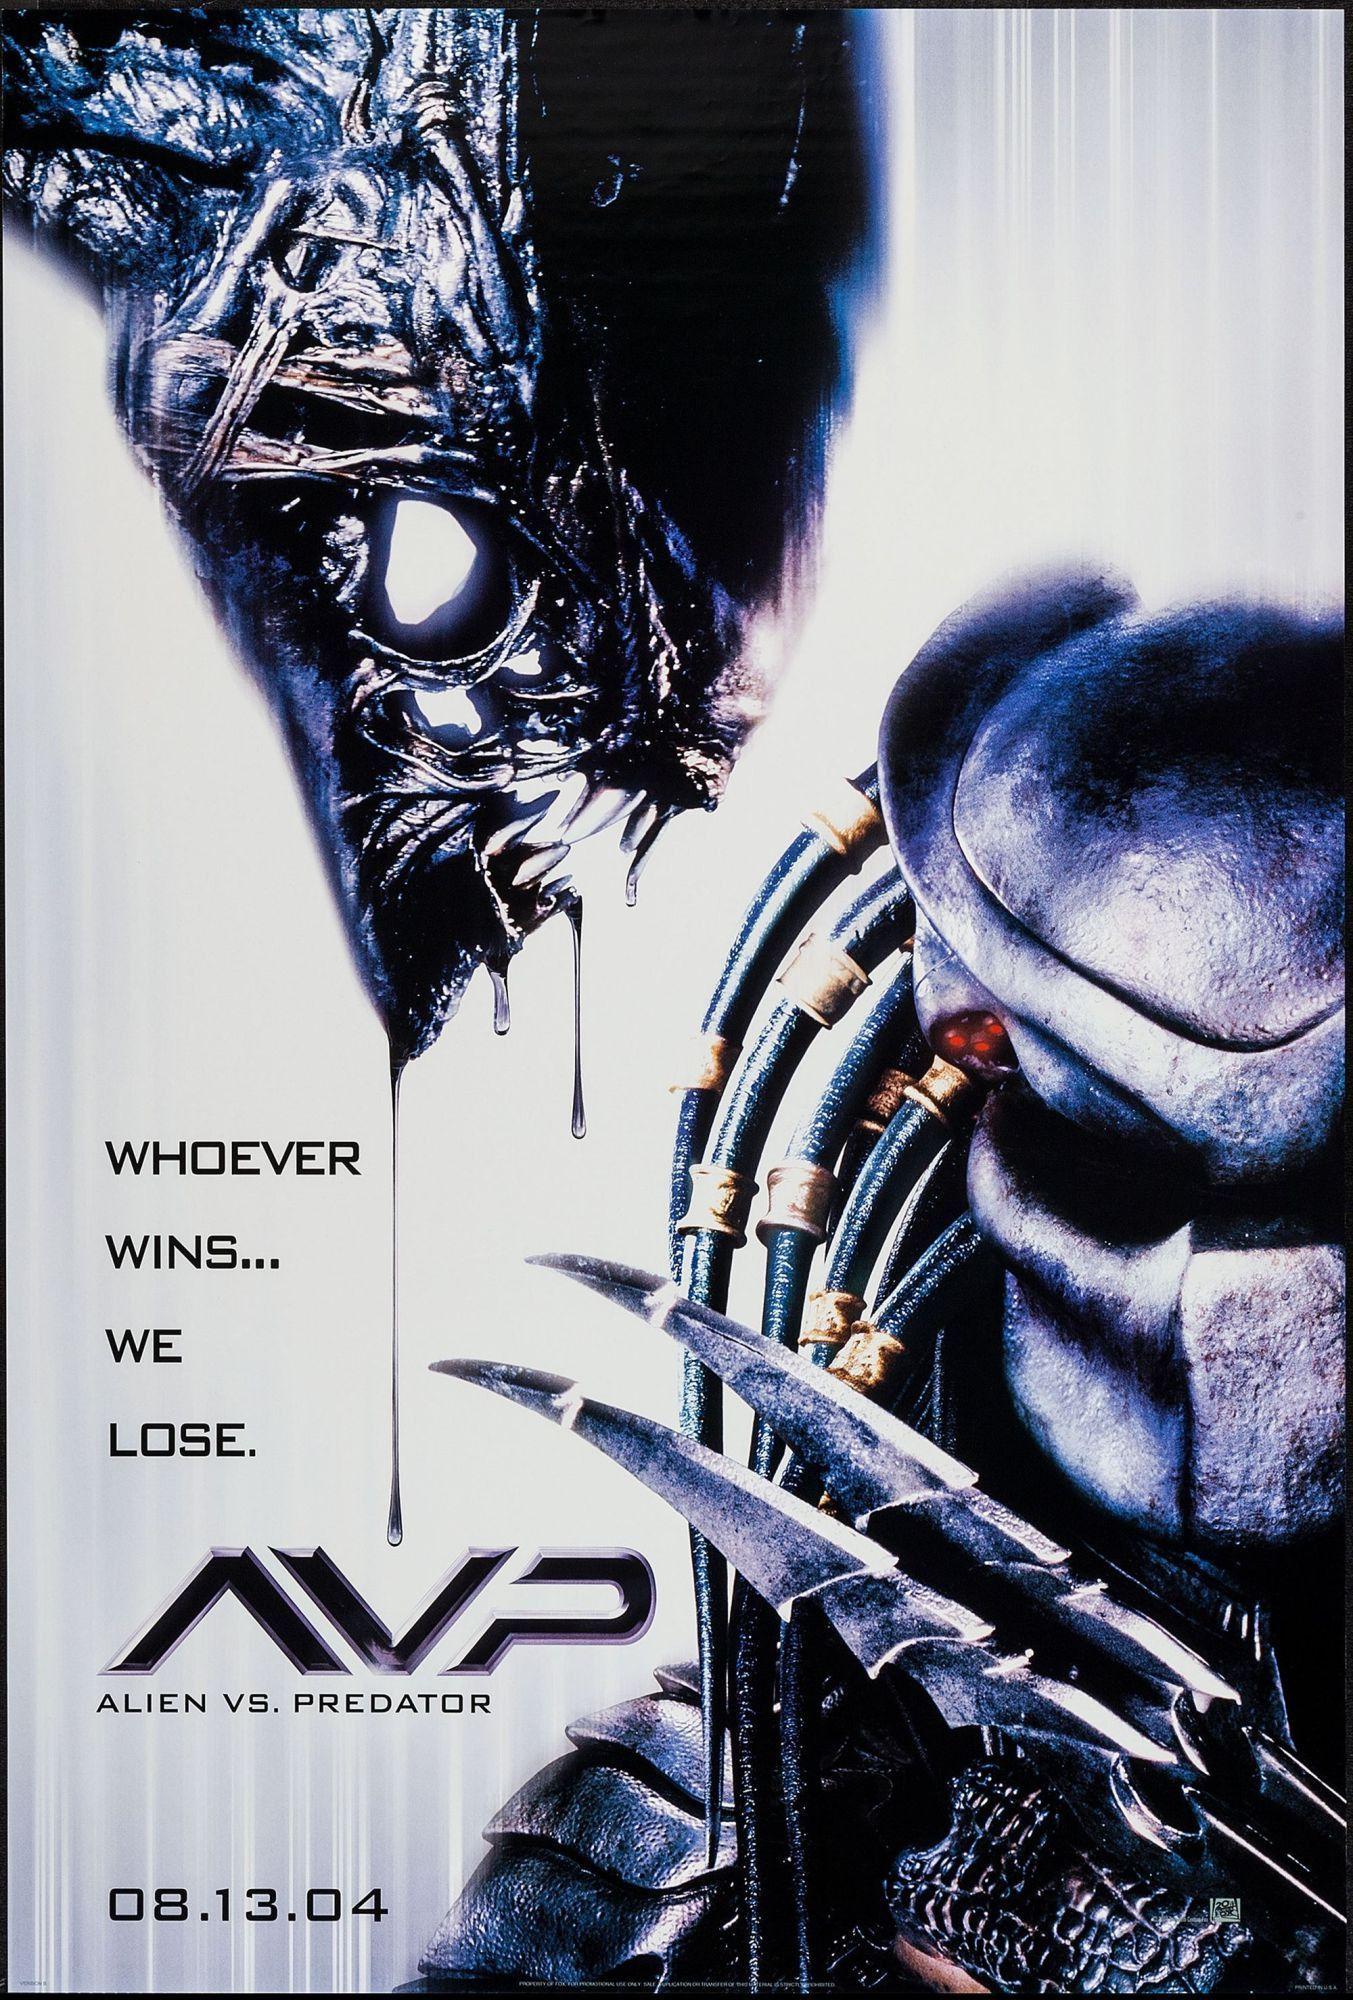 Alien Vs Predator Avp Movie Poster Alien Vs Predator